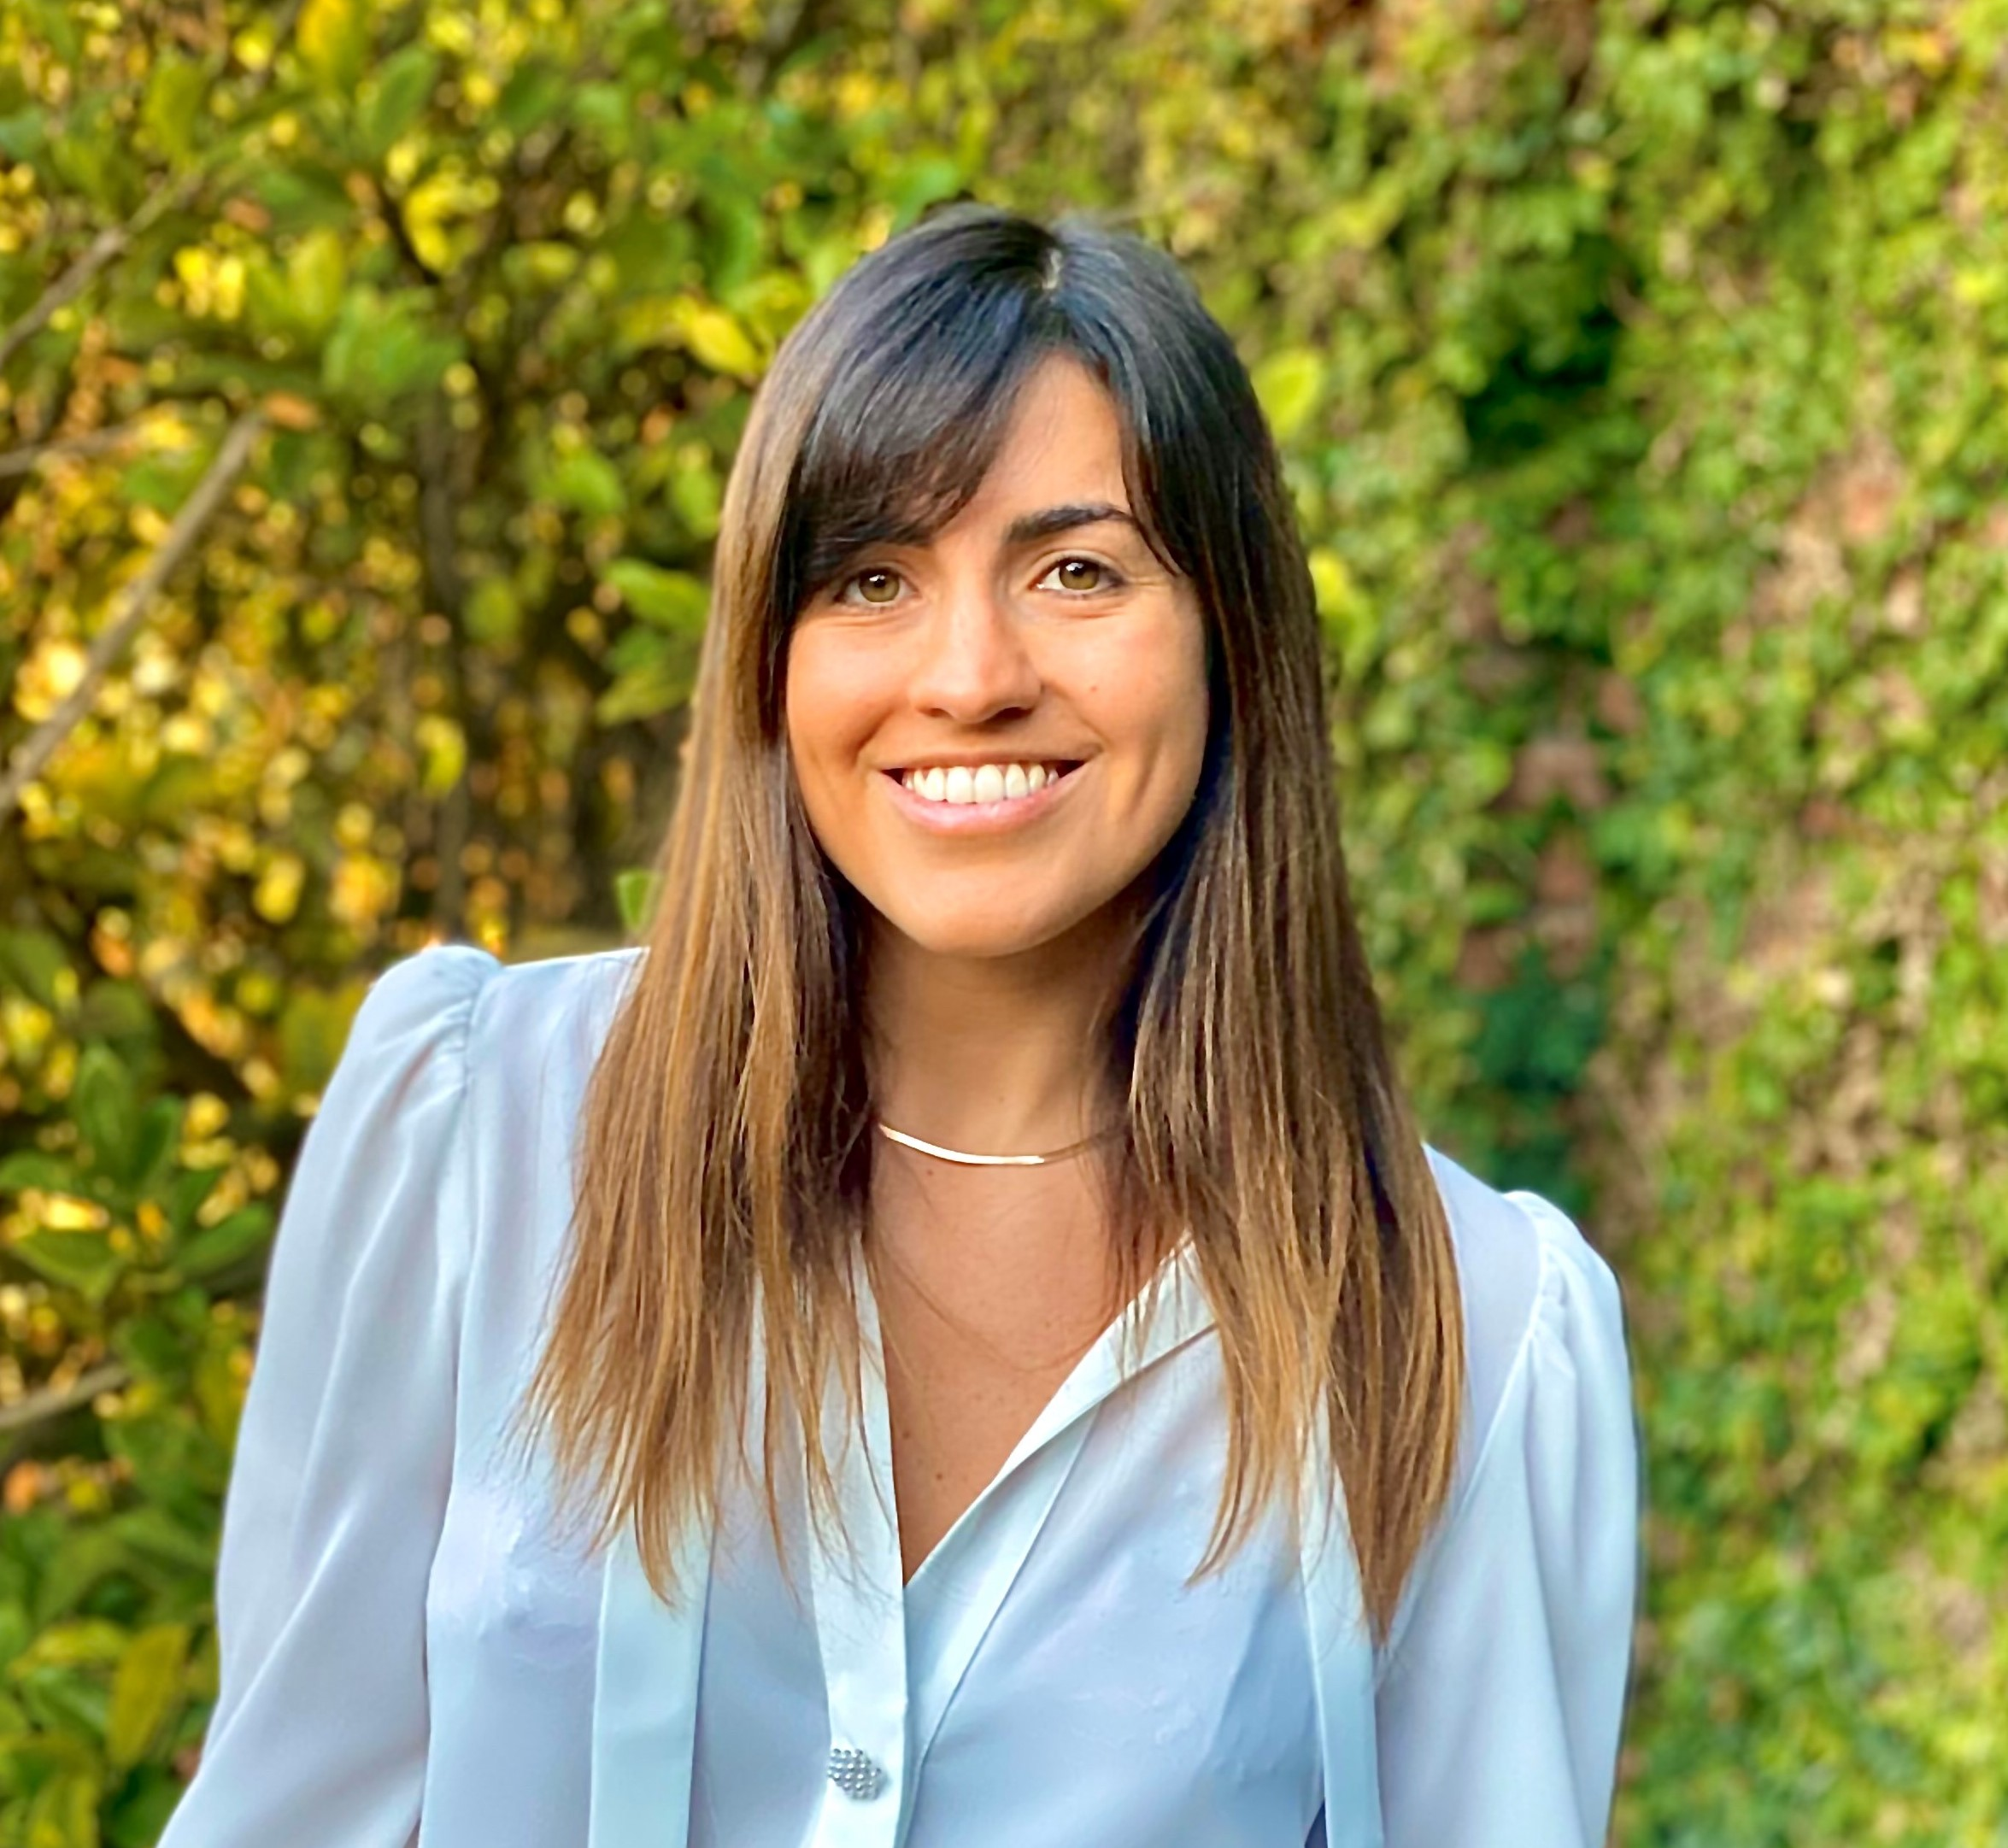 Giuliana Corbo